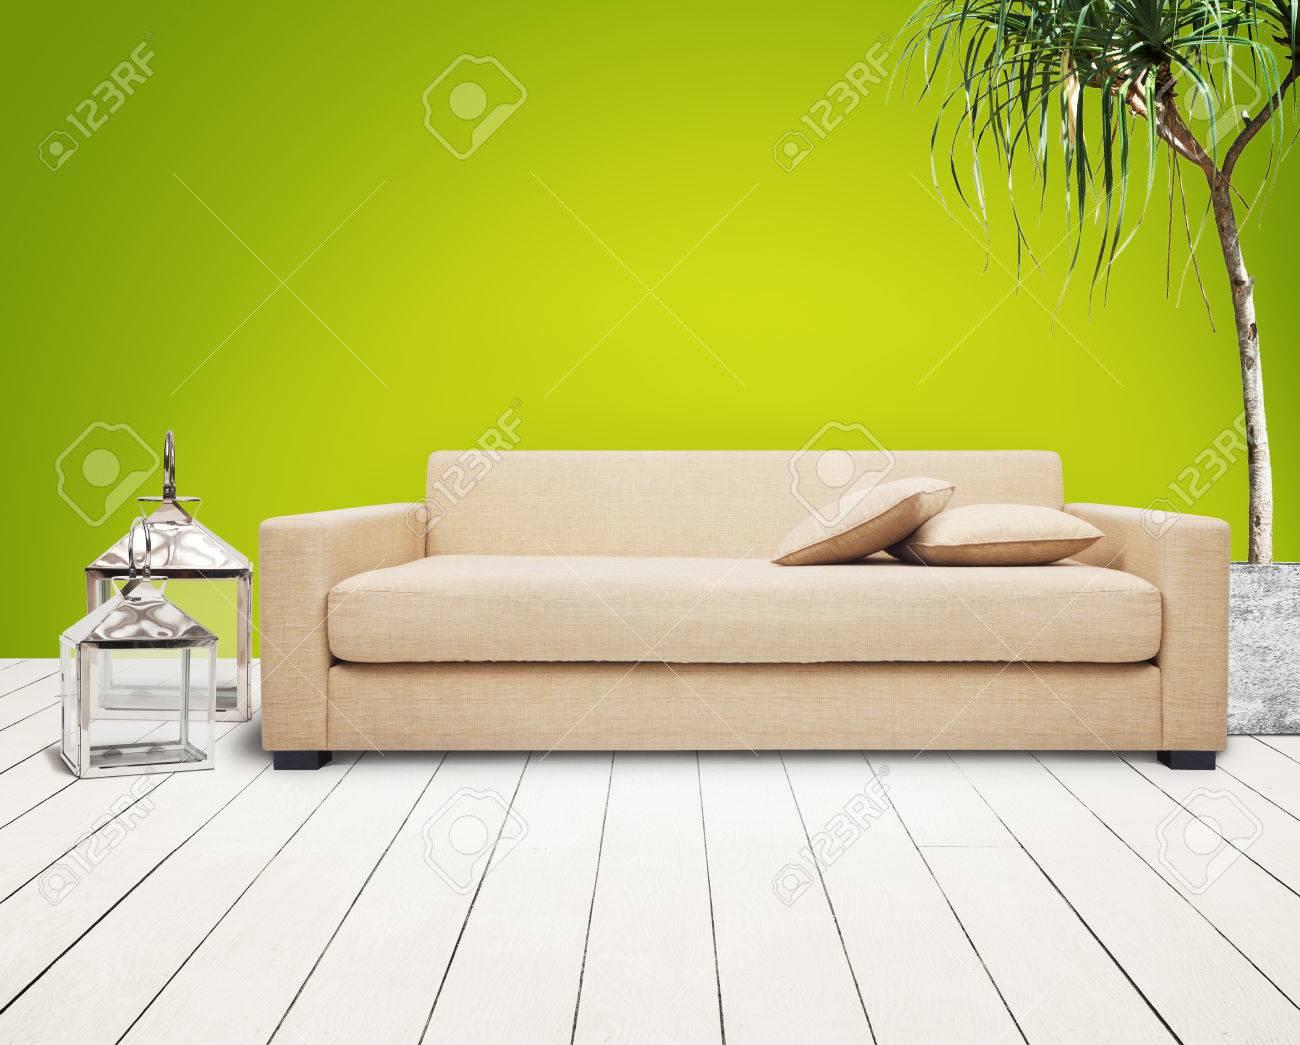 Braune couch in grüne wand raum. lizenzfreie fotos, bilder und ...